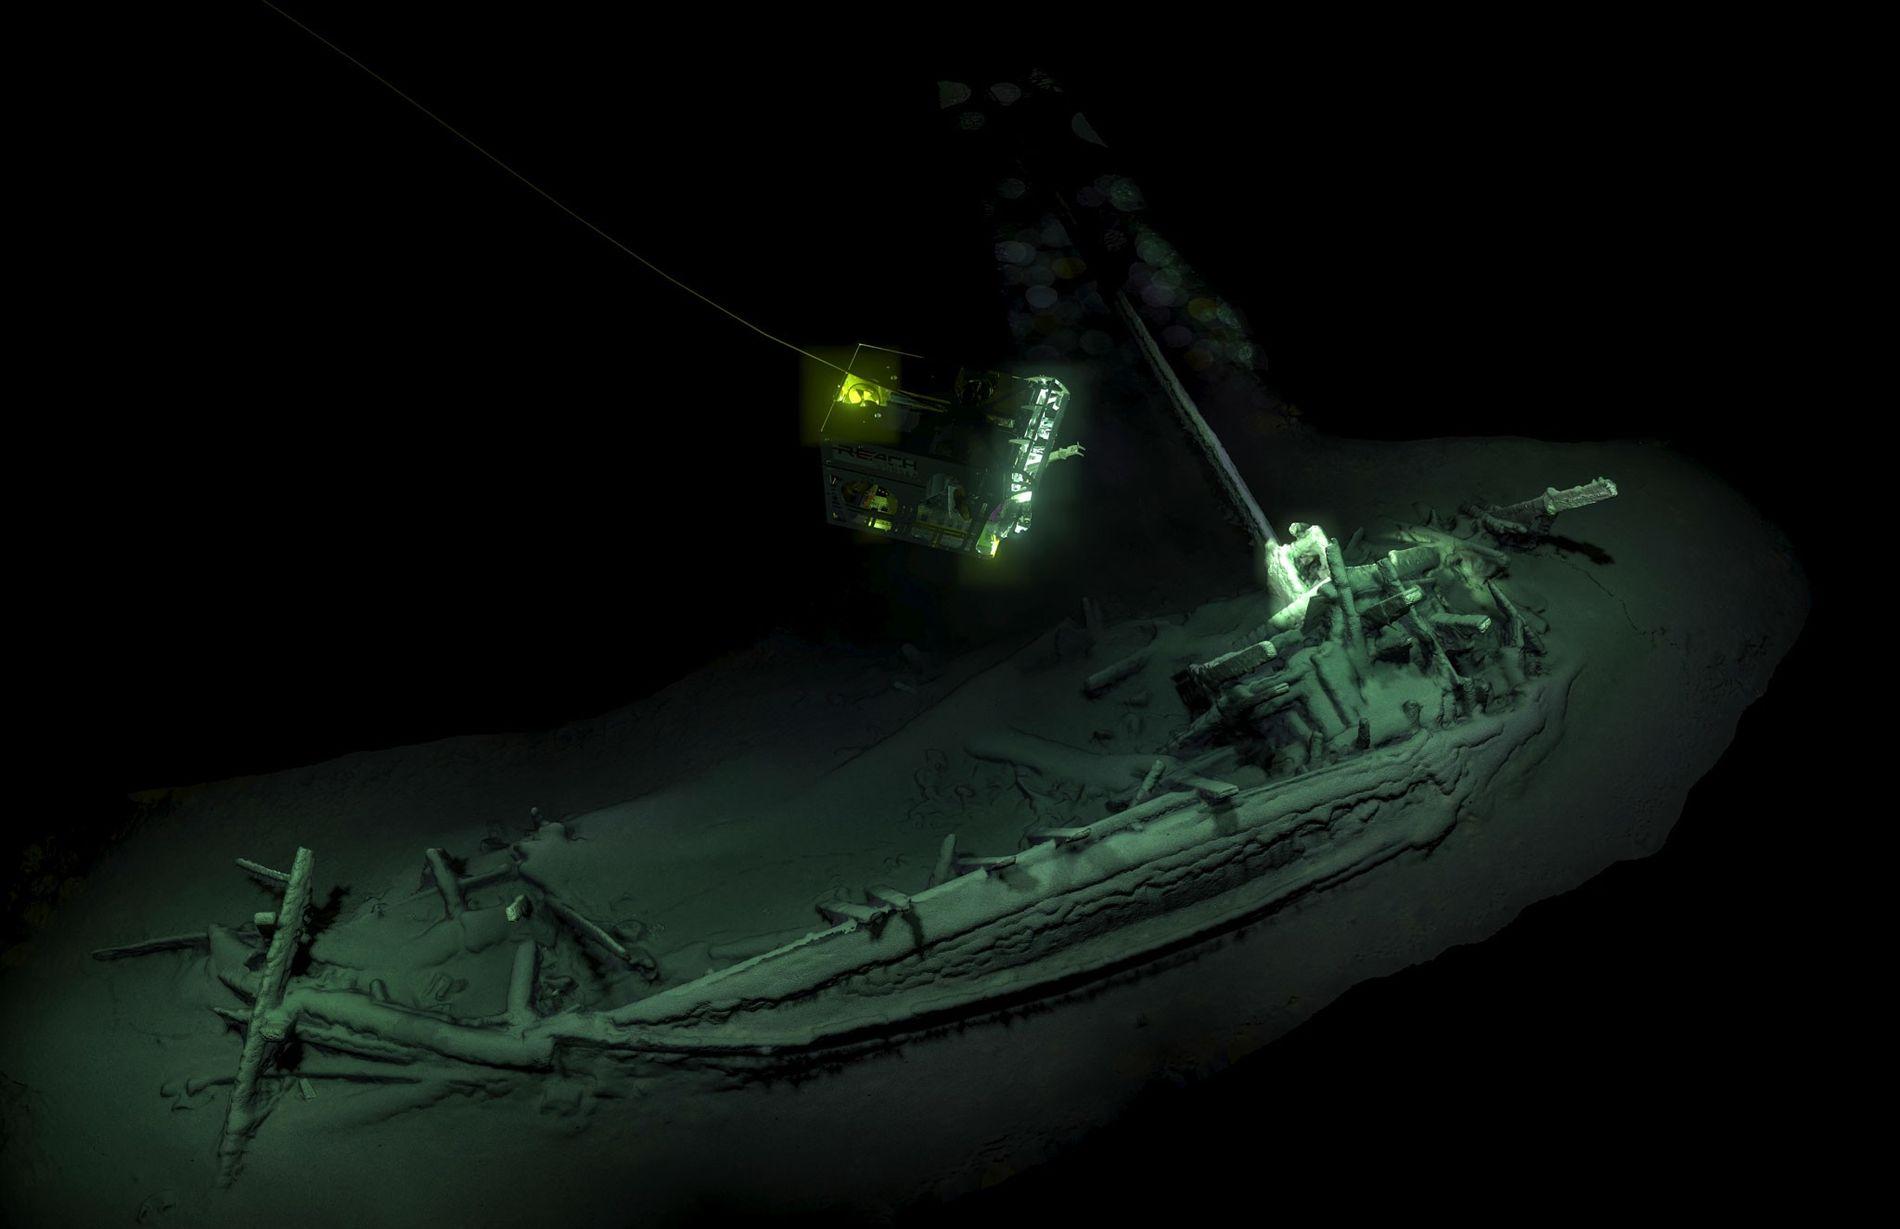 Ein kabelgesteuertes Unterwasserfahrzeug (ROV – Remotely Operated Vehicle) macht Aufnahmen eines 2.400 Jahre alten Schiffswracks, das ...